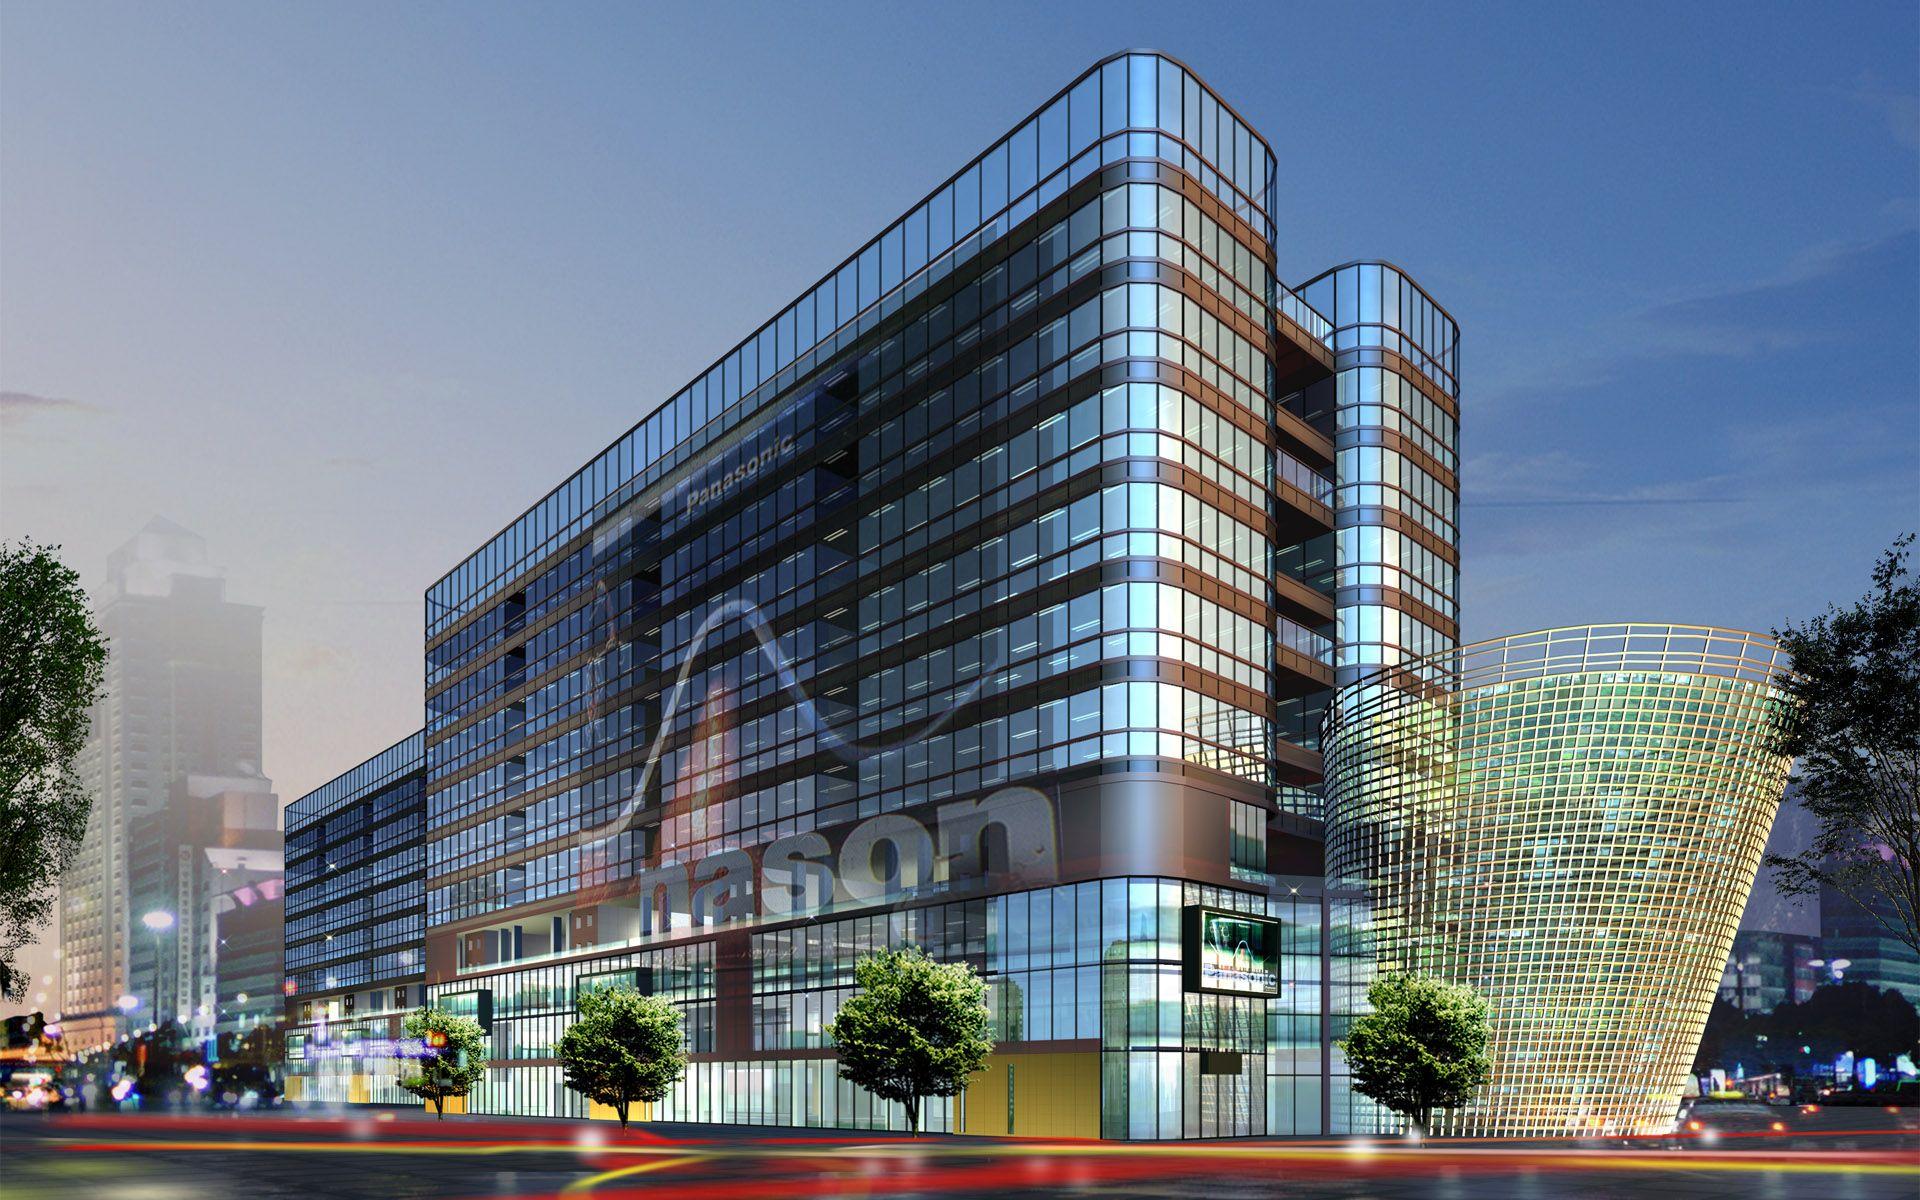 3d Apartment Design Exterior 3d commercial building design | Архитектура | pinterest